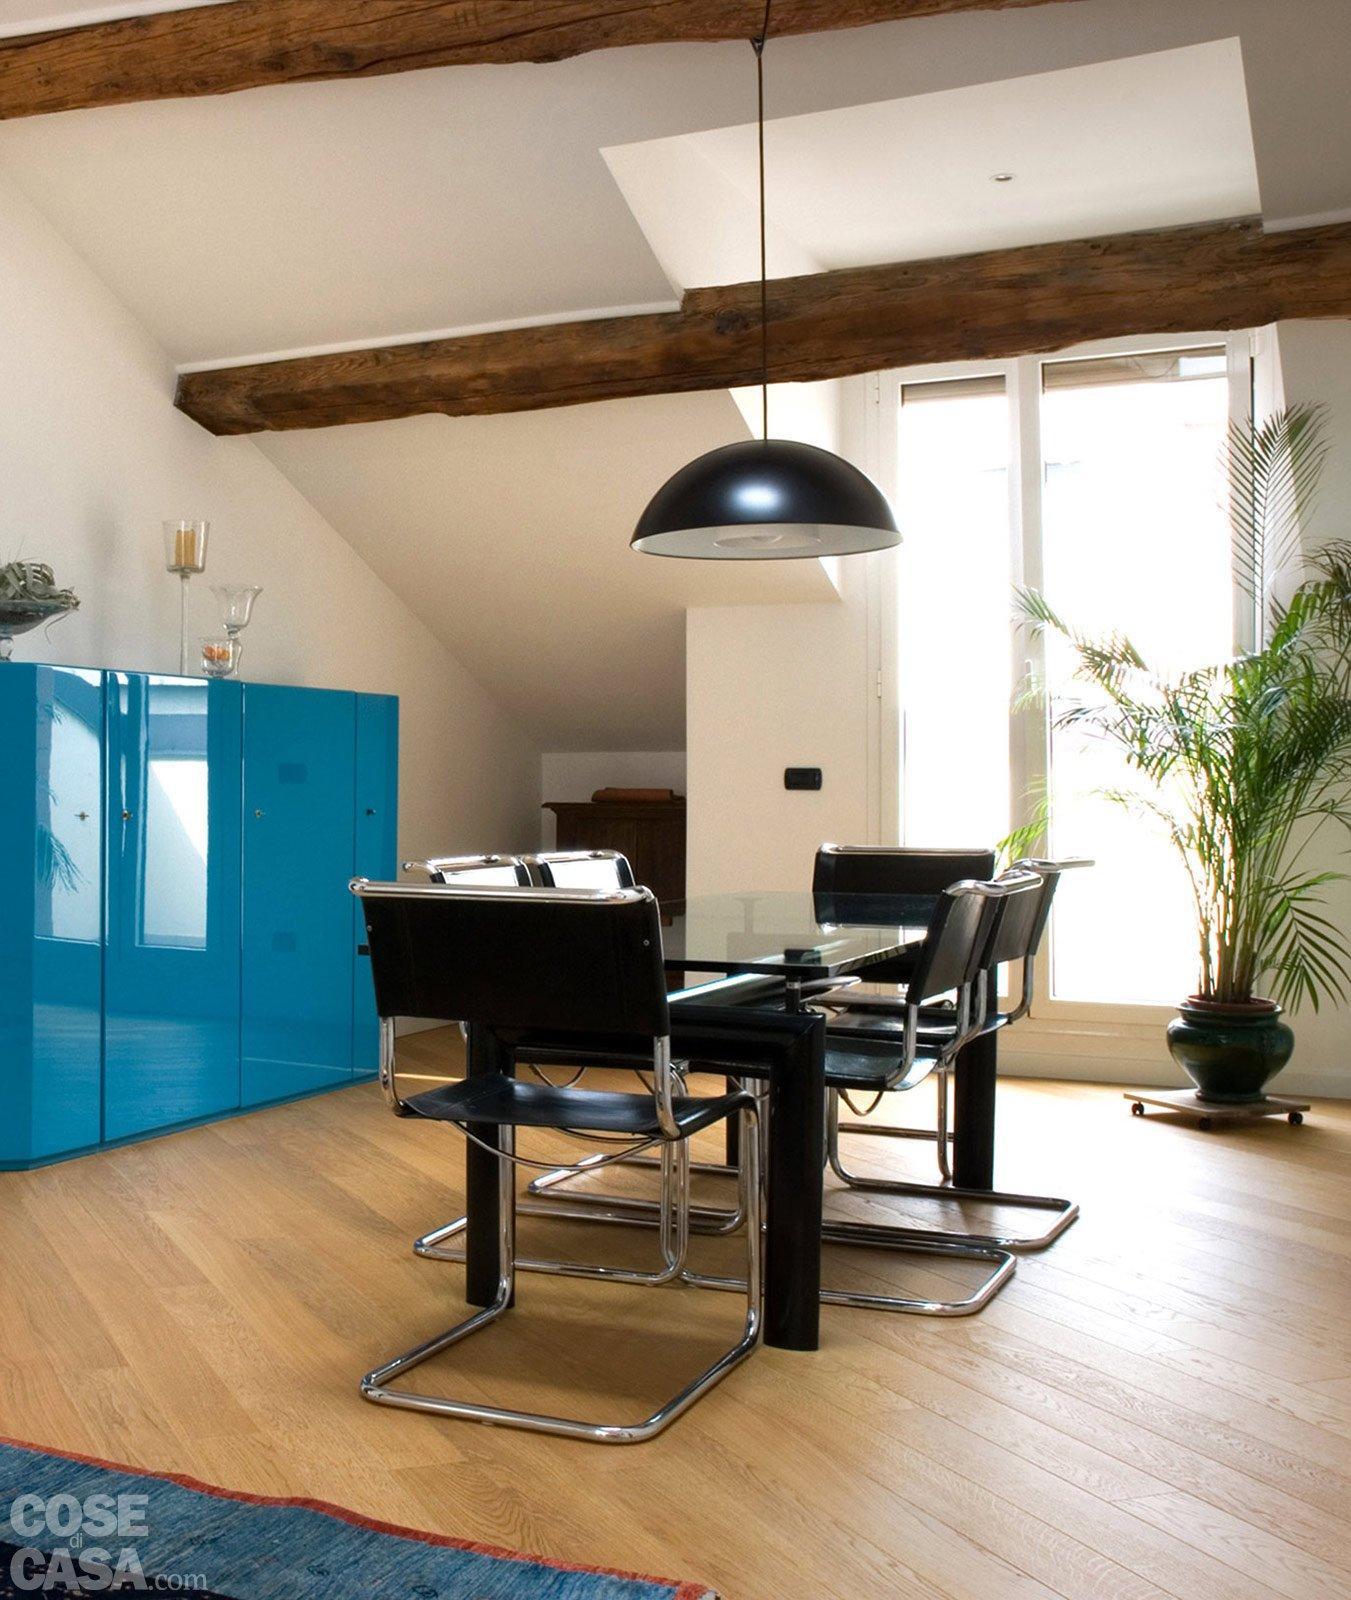 Sottotetto: Una Casa Con Travi A Vista Cose Di Casa #116A89 1351 1600 Illuminare Sala Da Pranzo